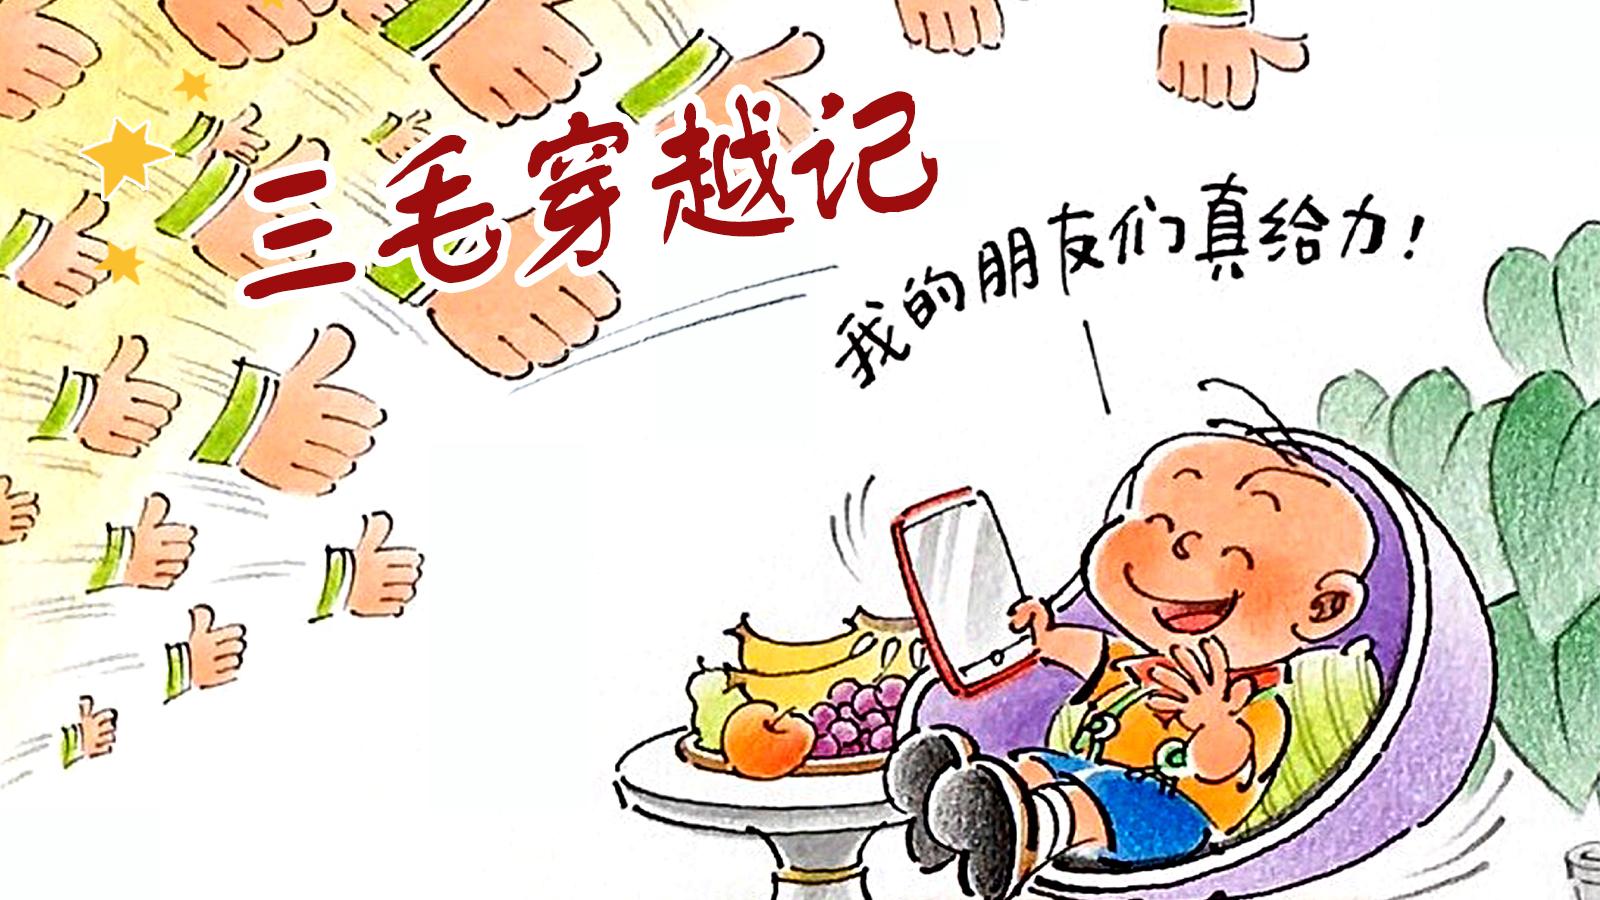 三毛的一条朋友圈引来无数羡慕嫉妒恨,原来他要去北京看大阅兵啦 | 三毛穿越记29